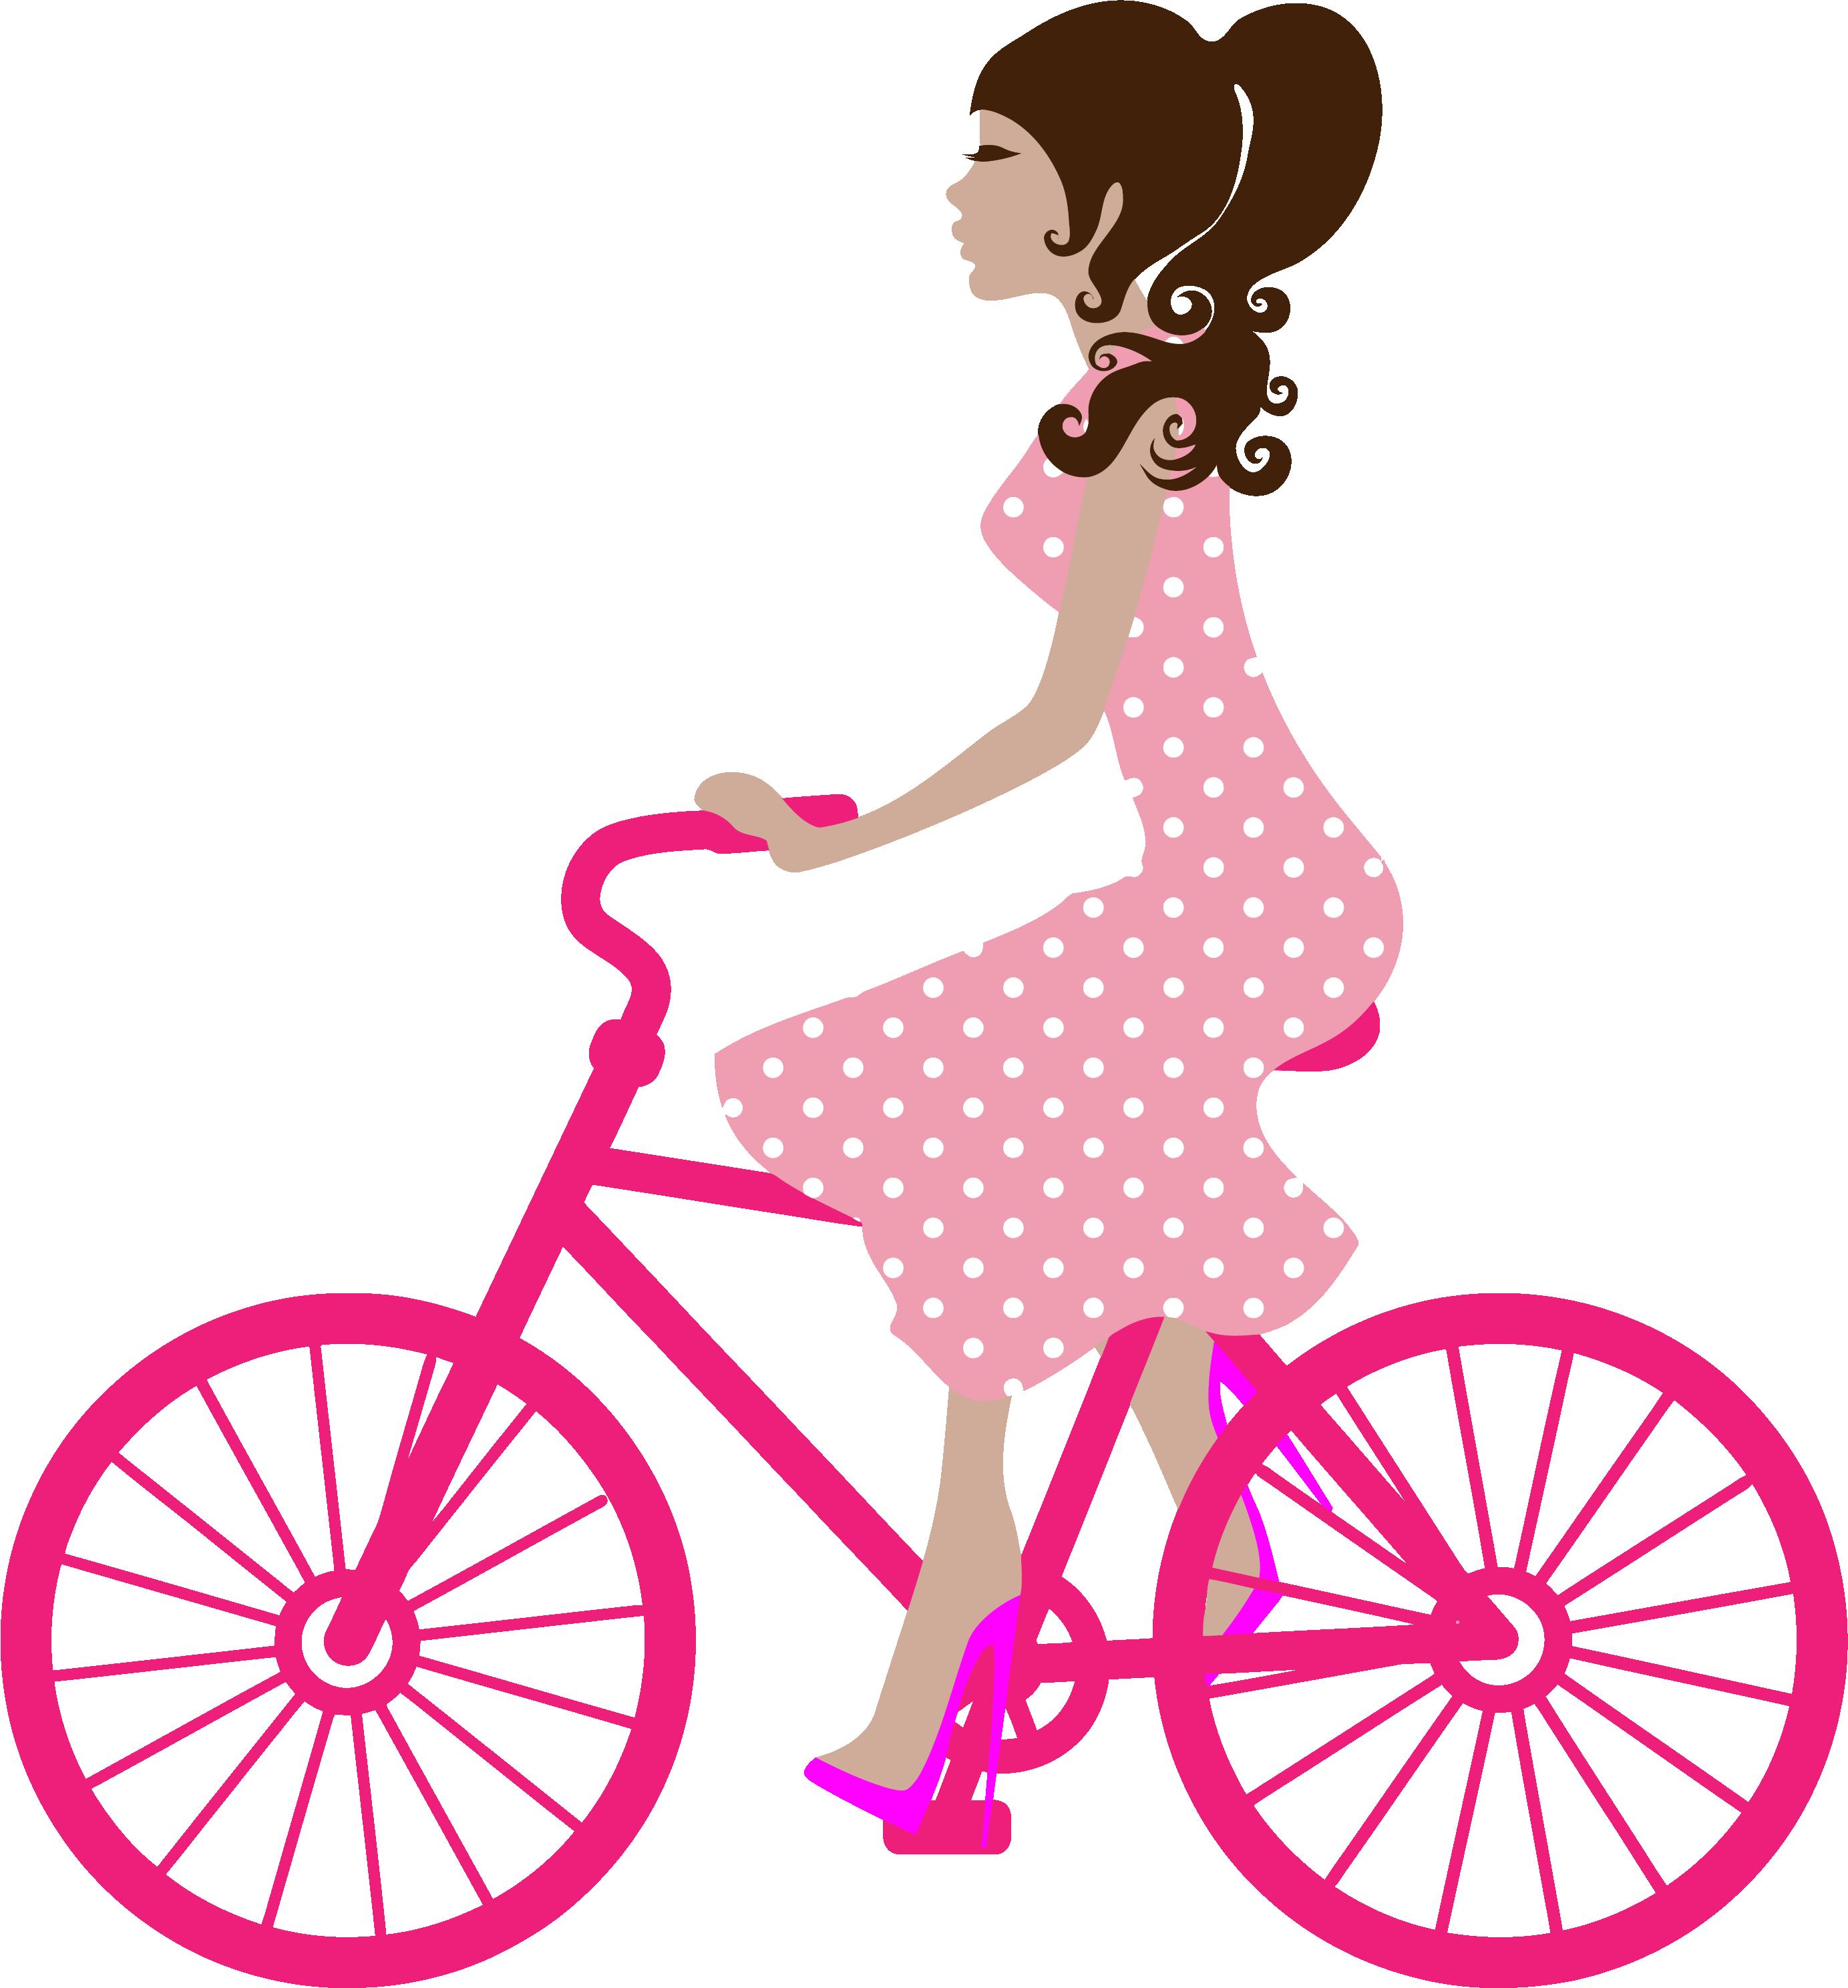 Mujer en bicicleta rosada